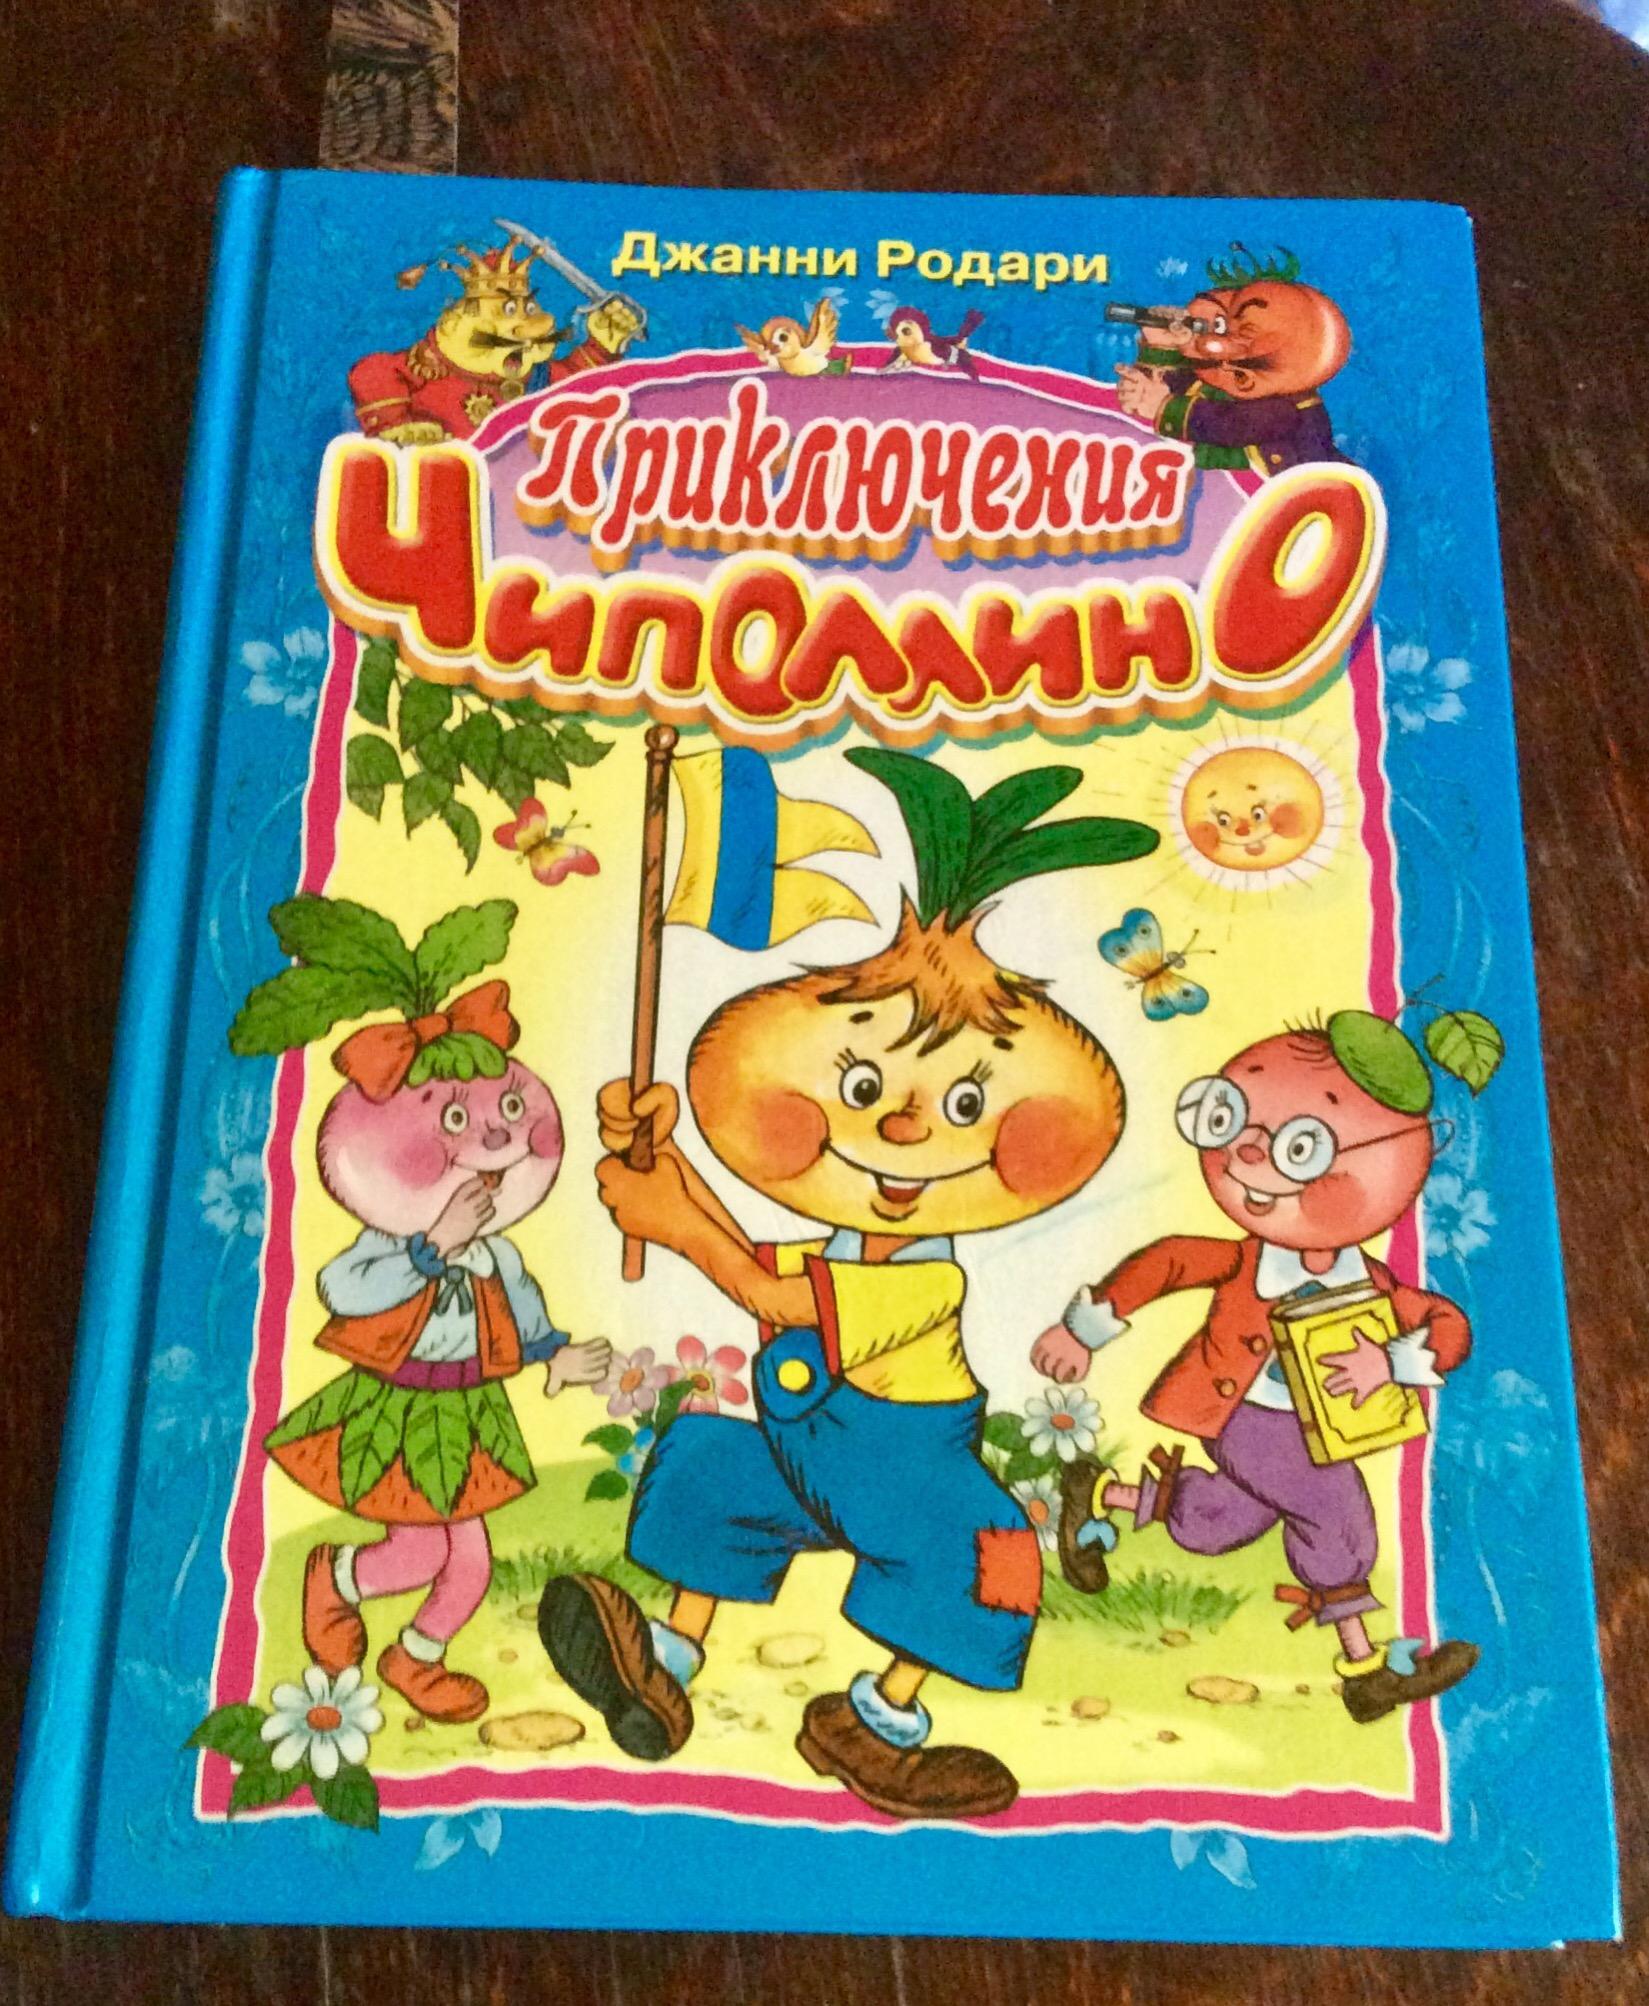 Книга со сказкой о Чиполлино